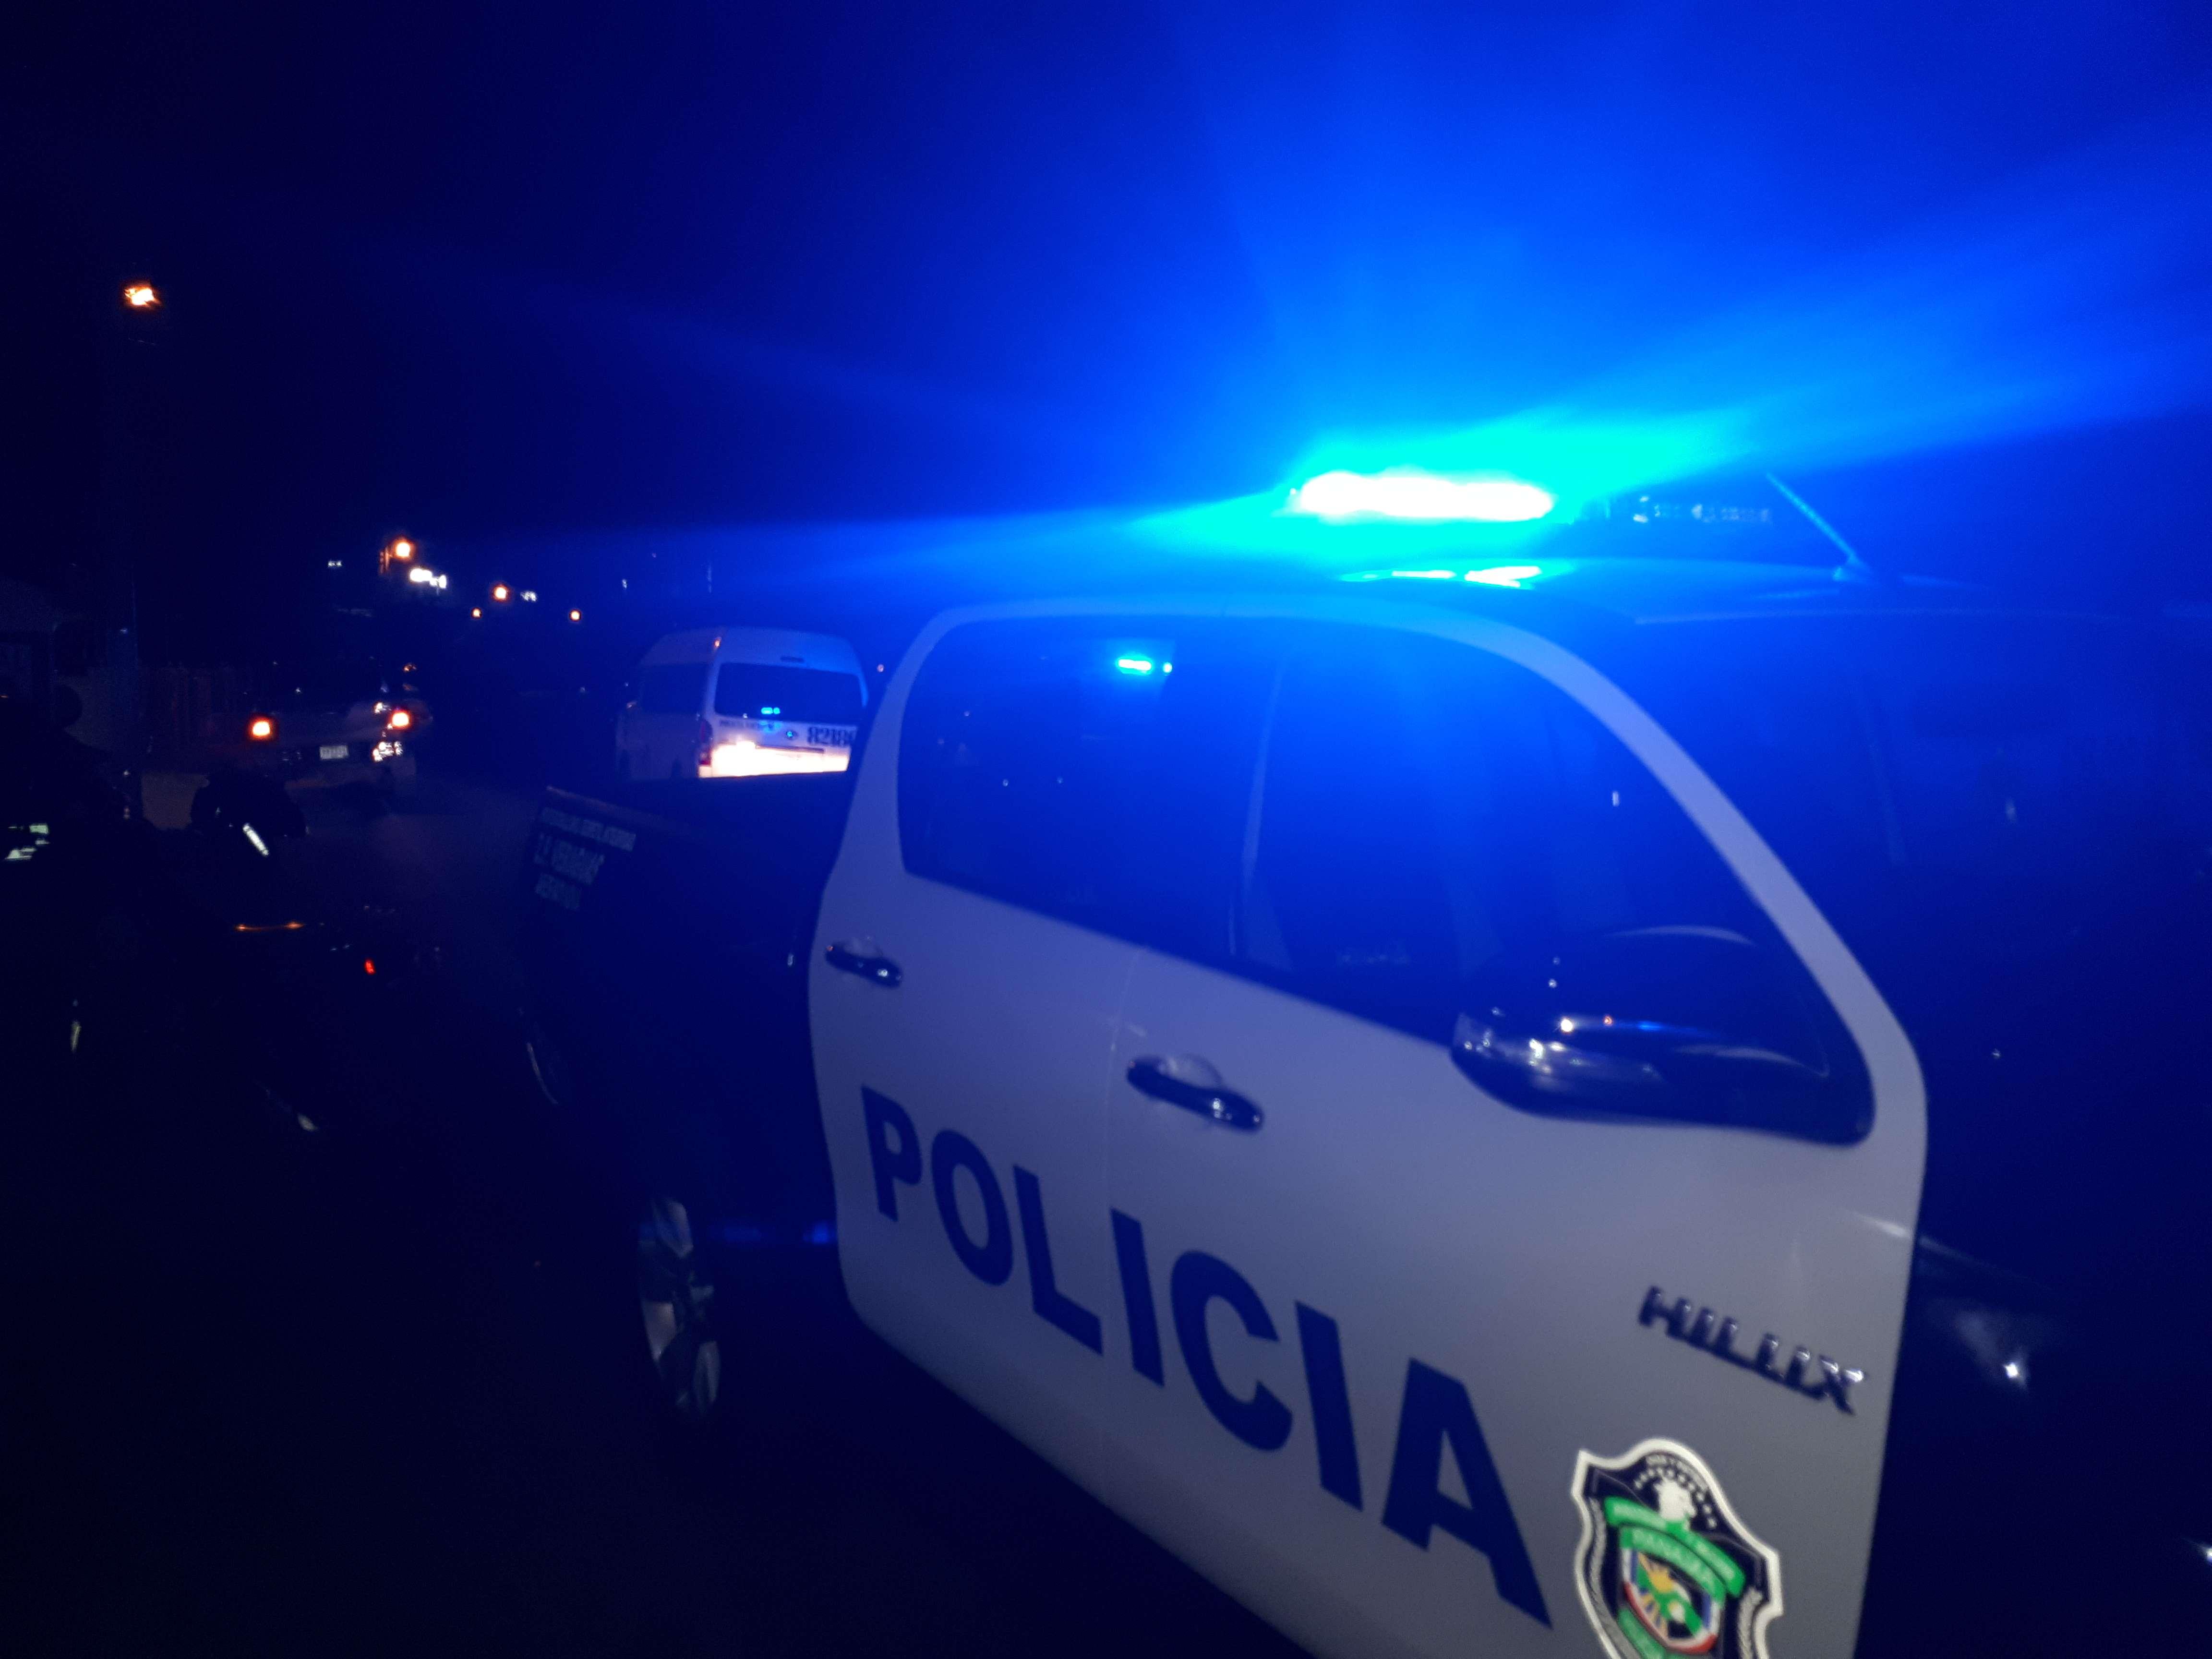 La policía ya fue notificada sobre el caso. Foto: Melquiades Vásquez - Ilustrativa